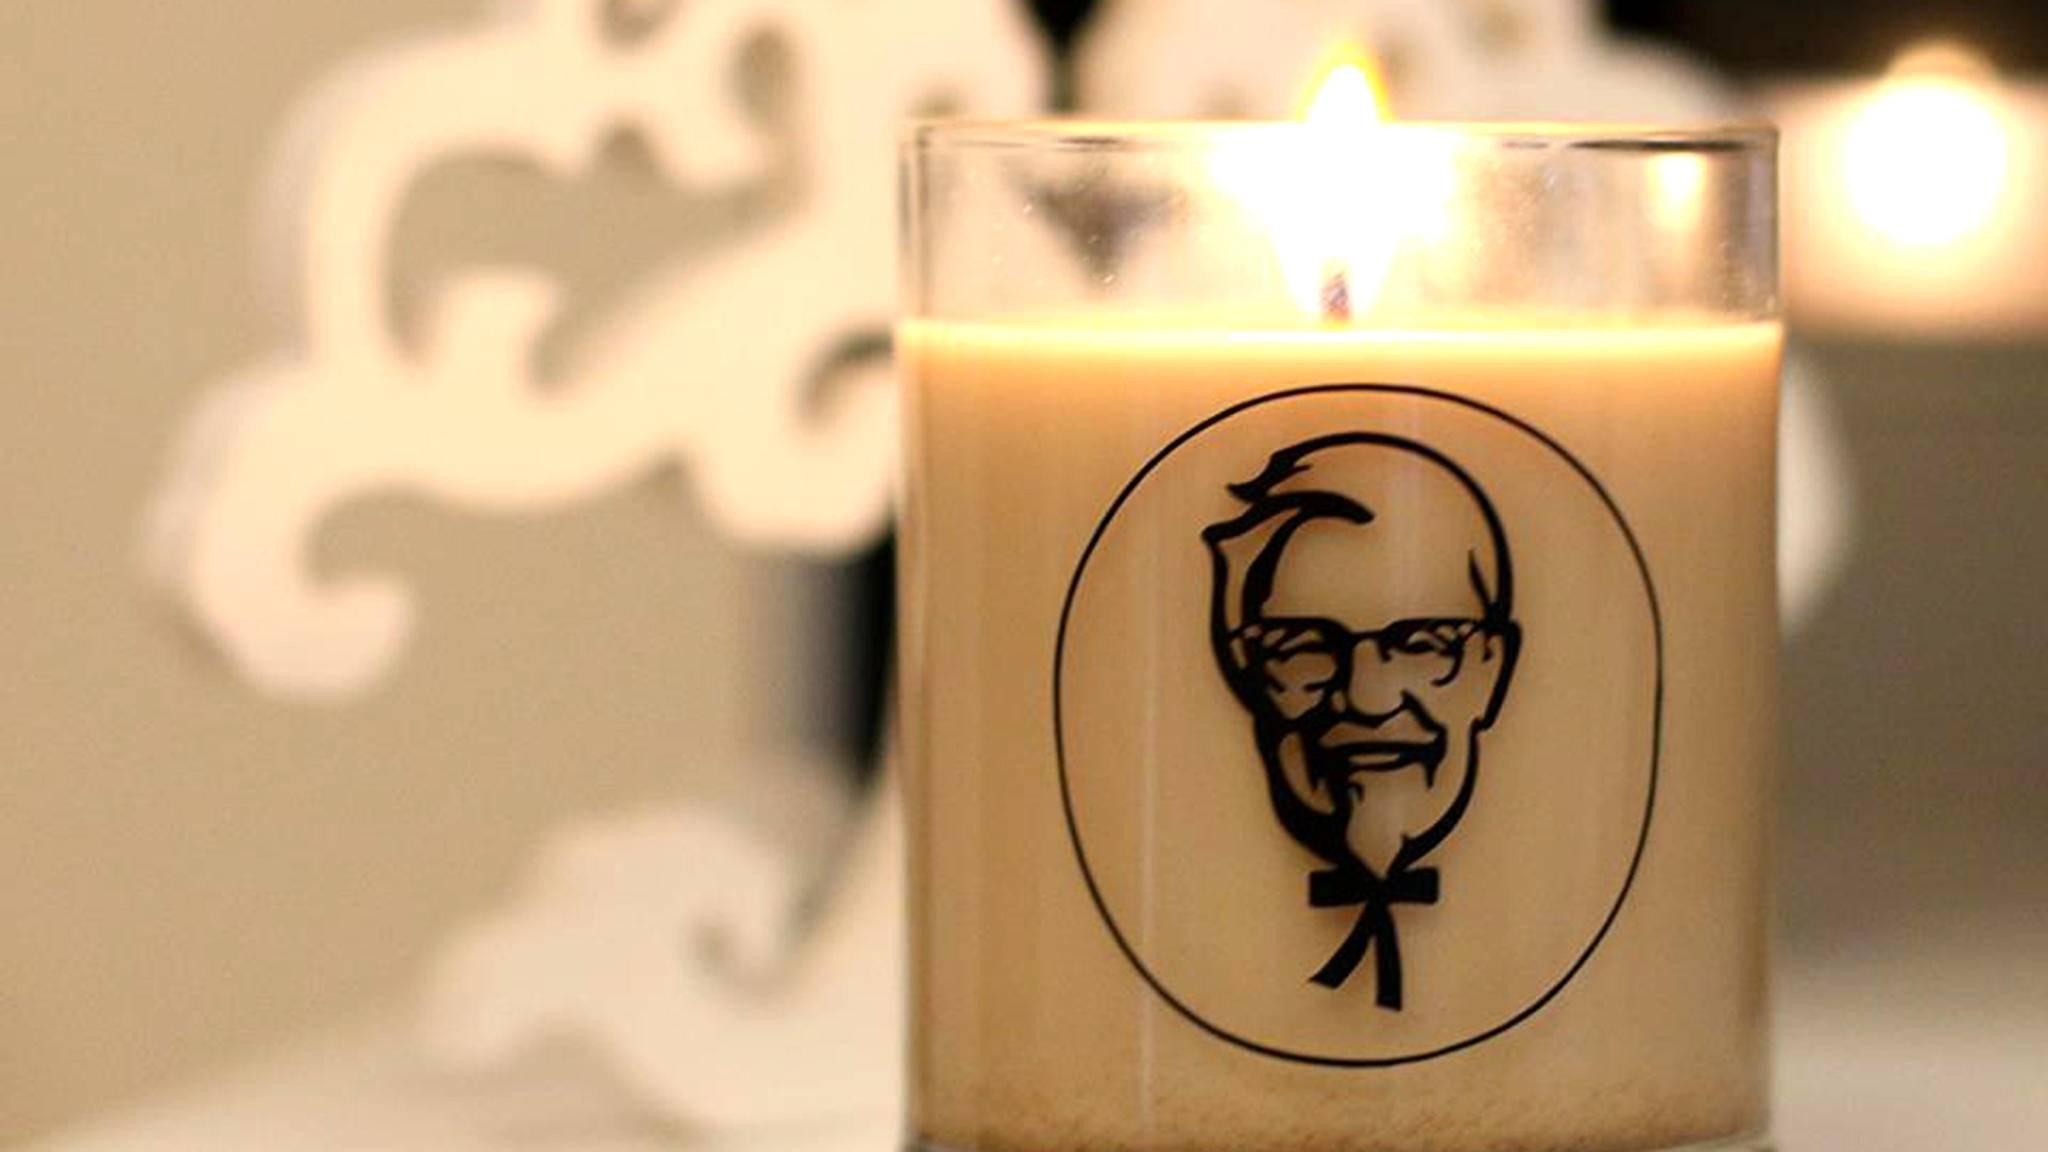 Lecker! Diese KFC-Duftkerze riecht nach gebratenem Hähnchen